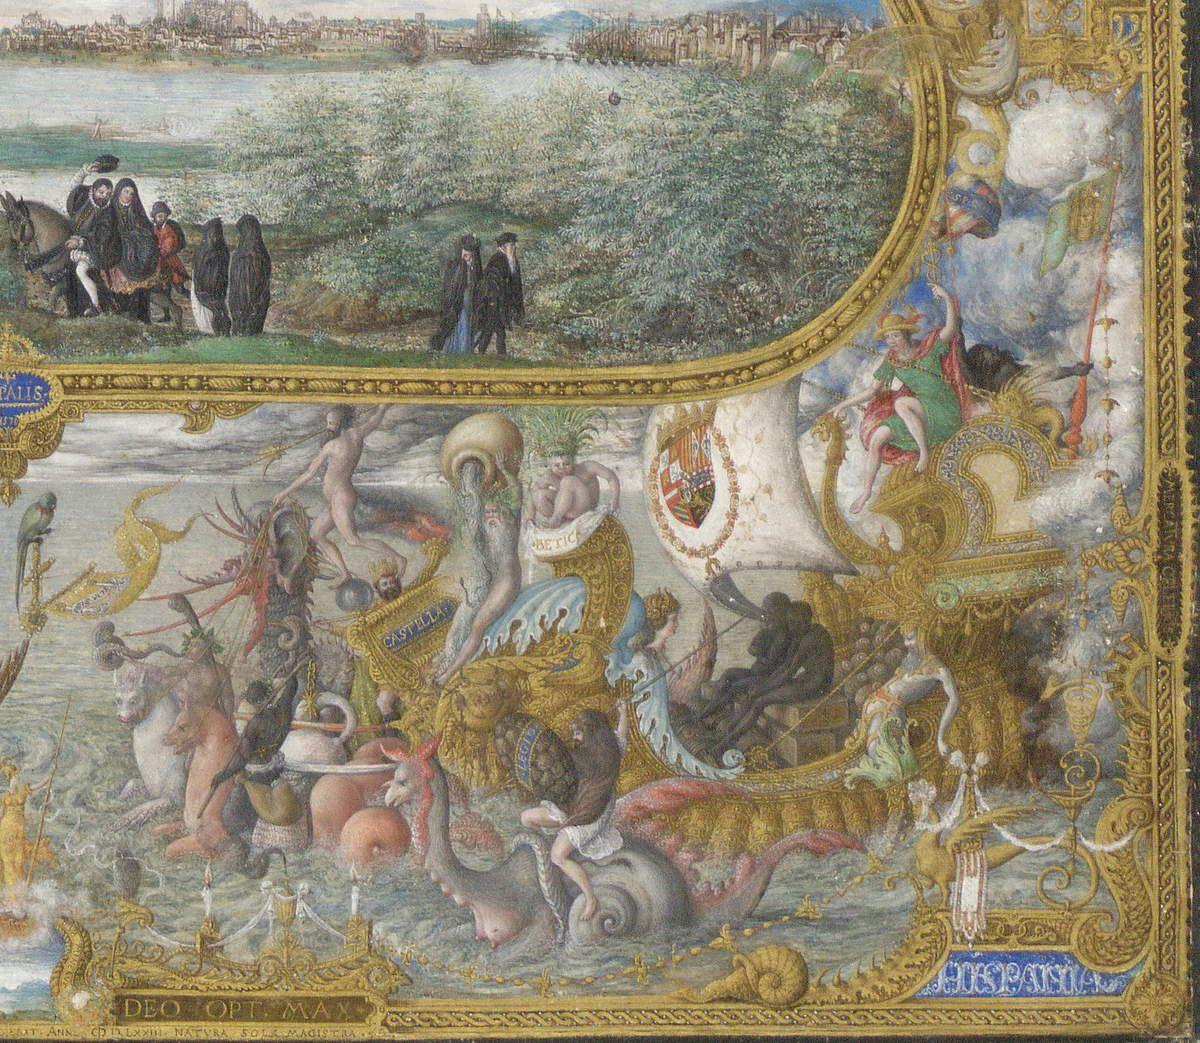 Hoefnagel, Vue de Séville, 1573, quart inférieur droit, Bibliothèque Royale de Bruxelles.